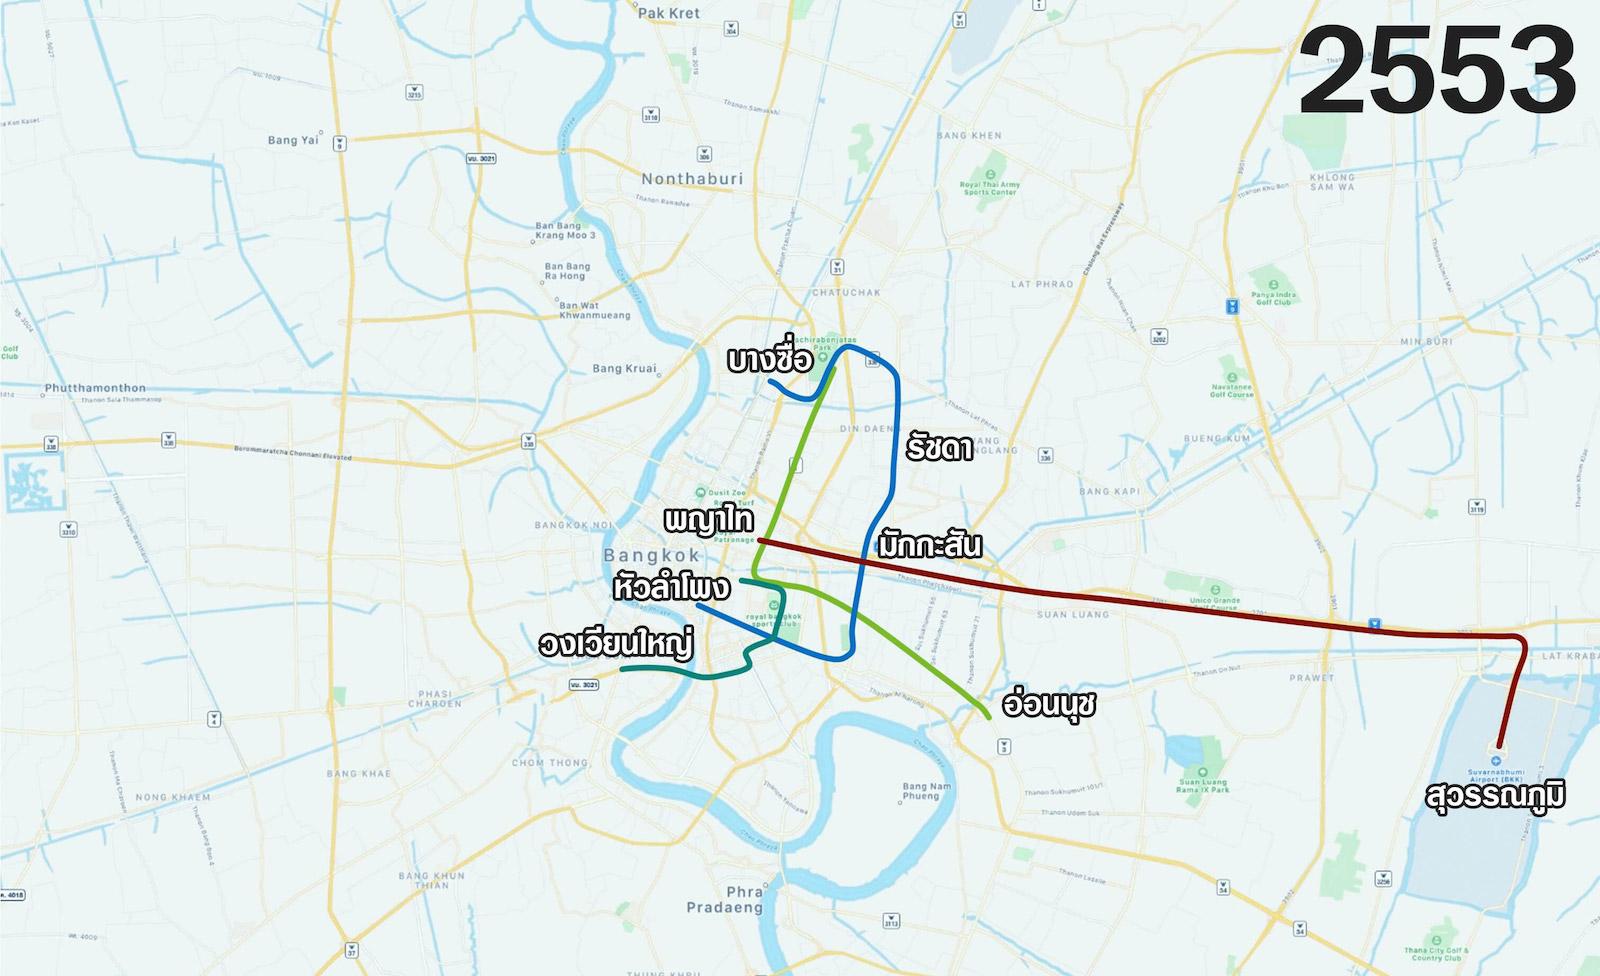 จนล่าสุดปีกว่าๆ ที่ผ่านมา (2559-2560) ก็ได้มี · รถไฟฟ้า MRT สายสีม่วง  เพิ่มขึ้นมาอีกสาย เชื่อมต่อกับ · รถไฟฟ้า MRT สายสีน้ำเงิน ที่สถานีเตาปูน ...